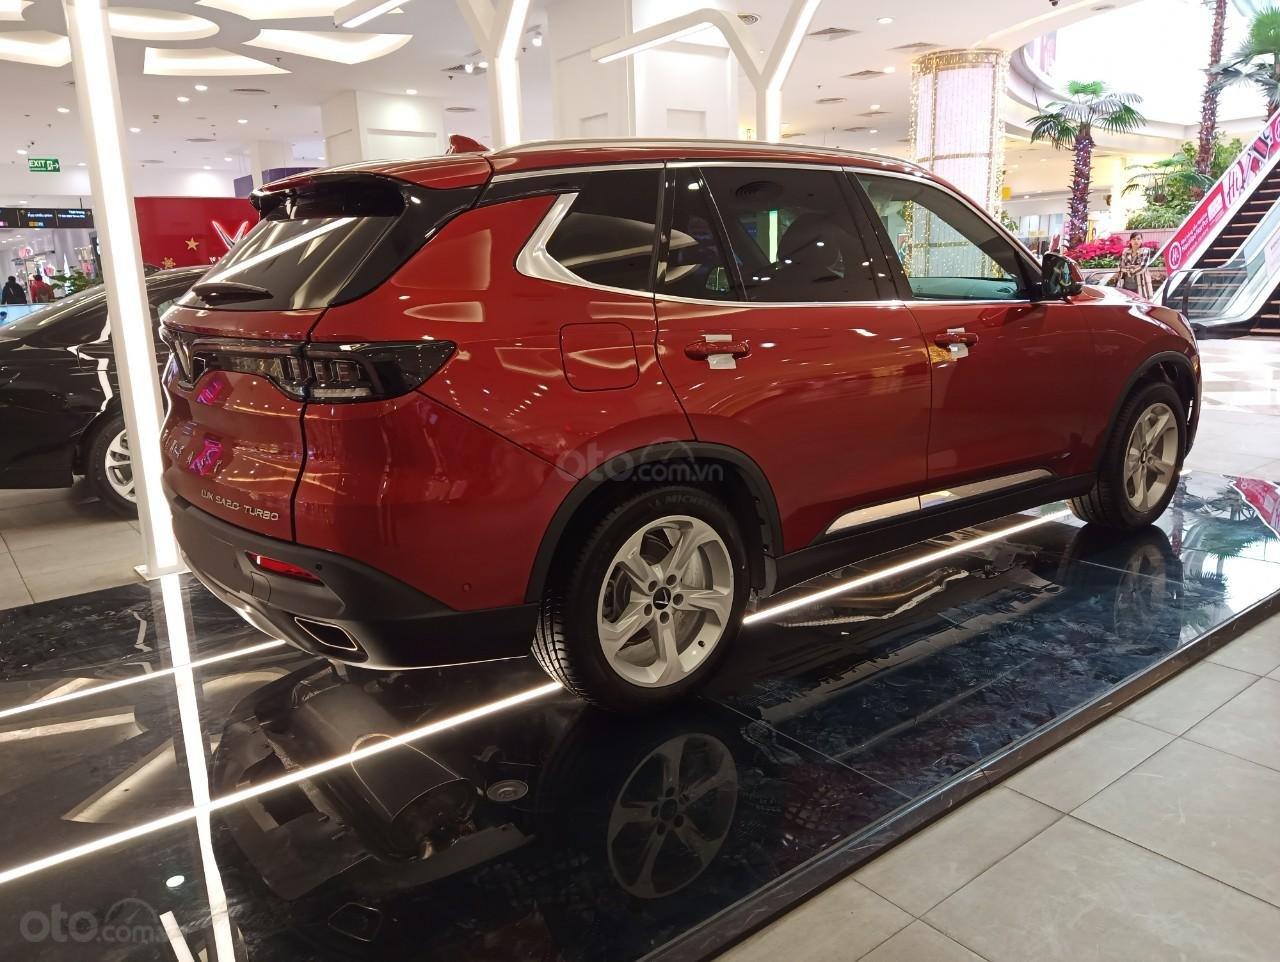 VinFast Lux SA 2.0 2021 ưu đãi hỗ trợ vay 90%, đủ màu, xe sẵn giao ngay, thuế 0đ (4)